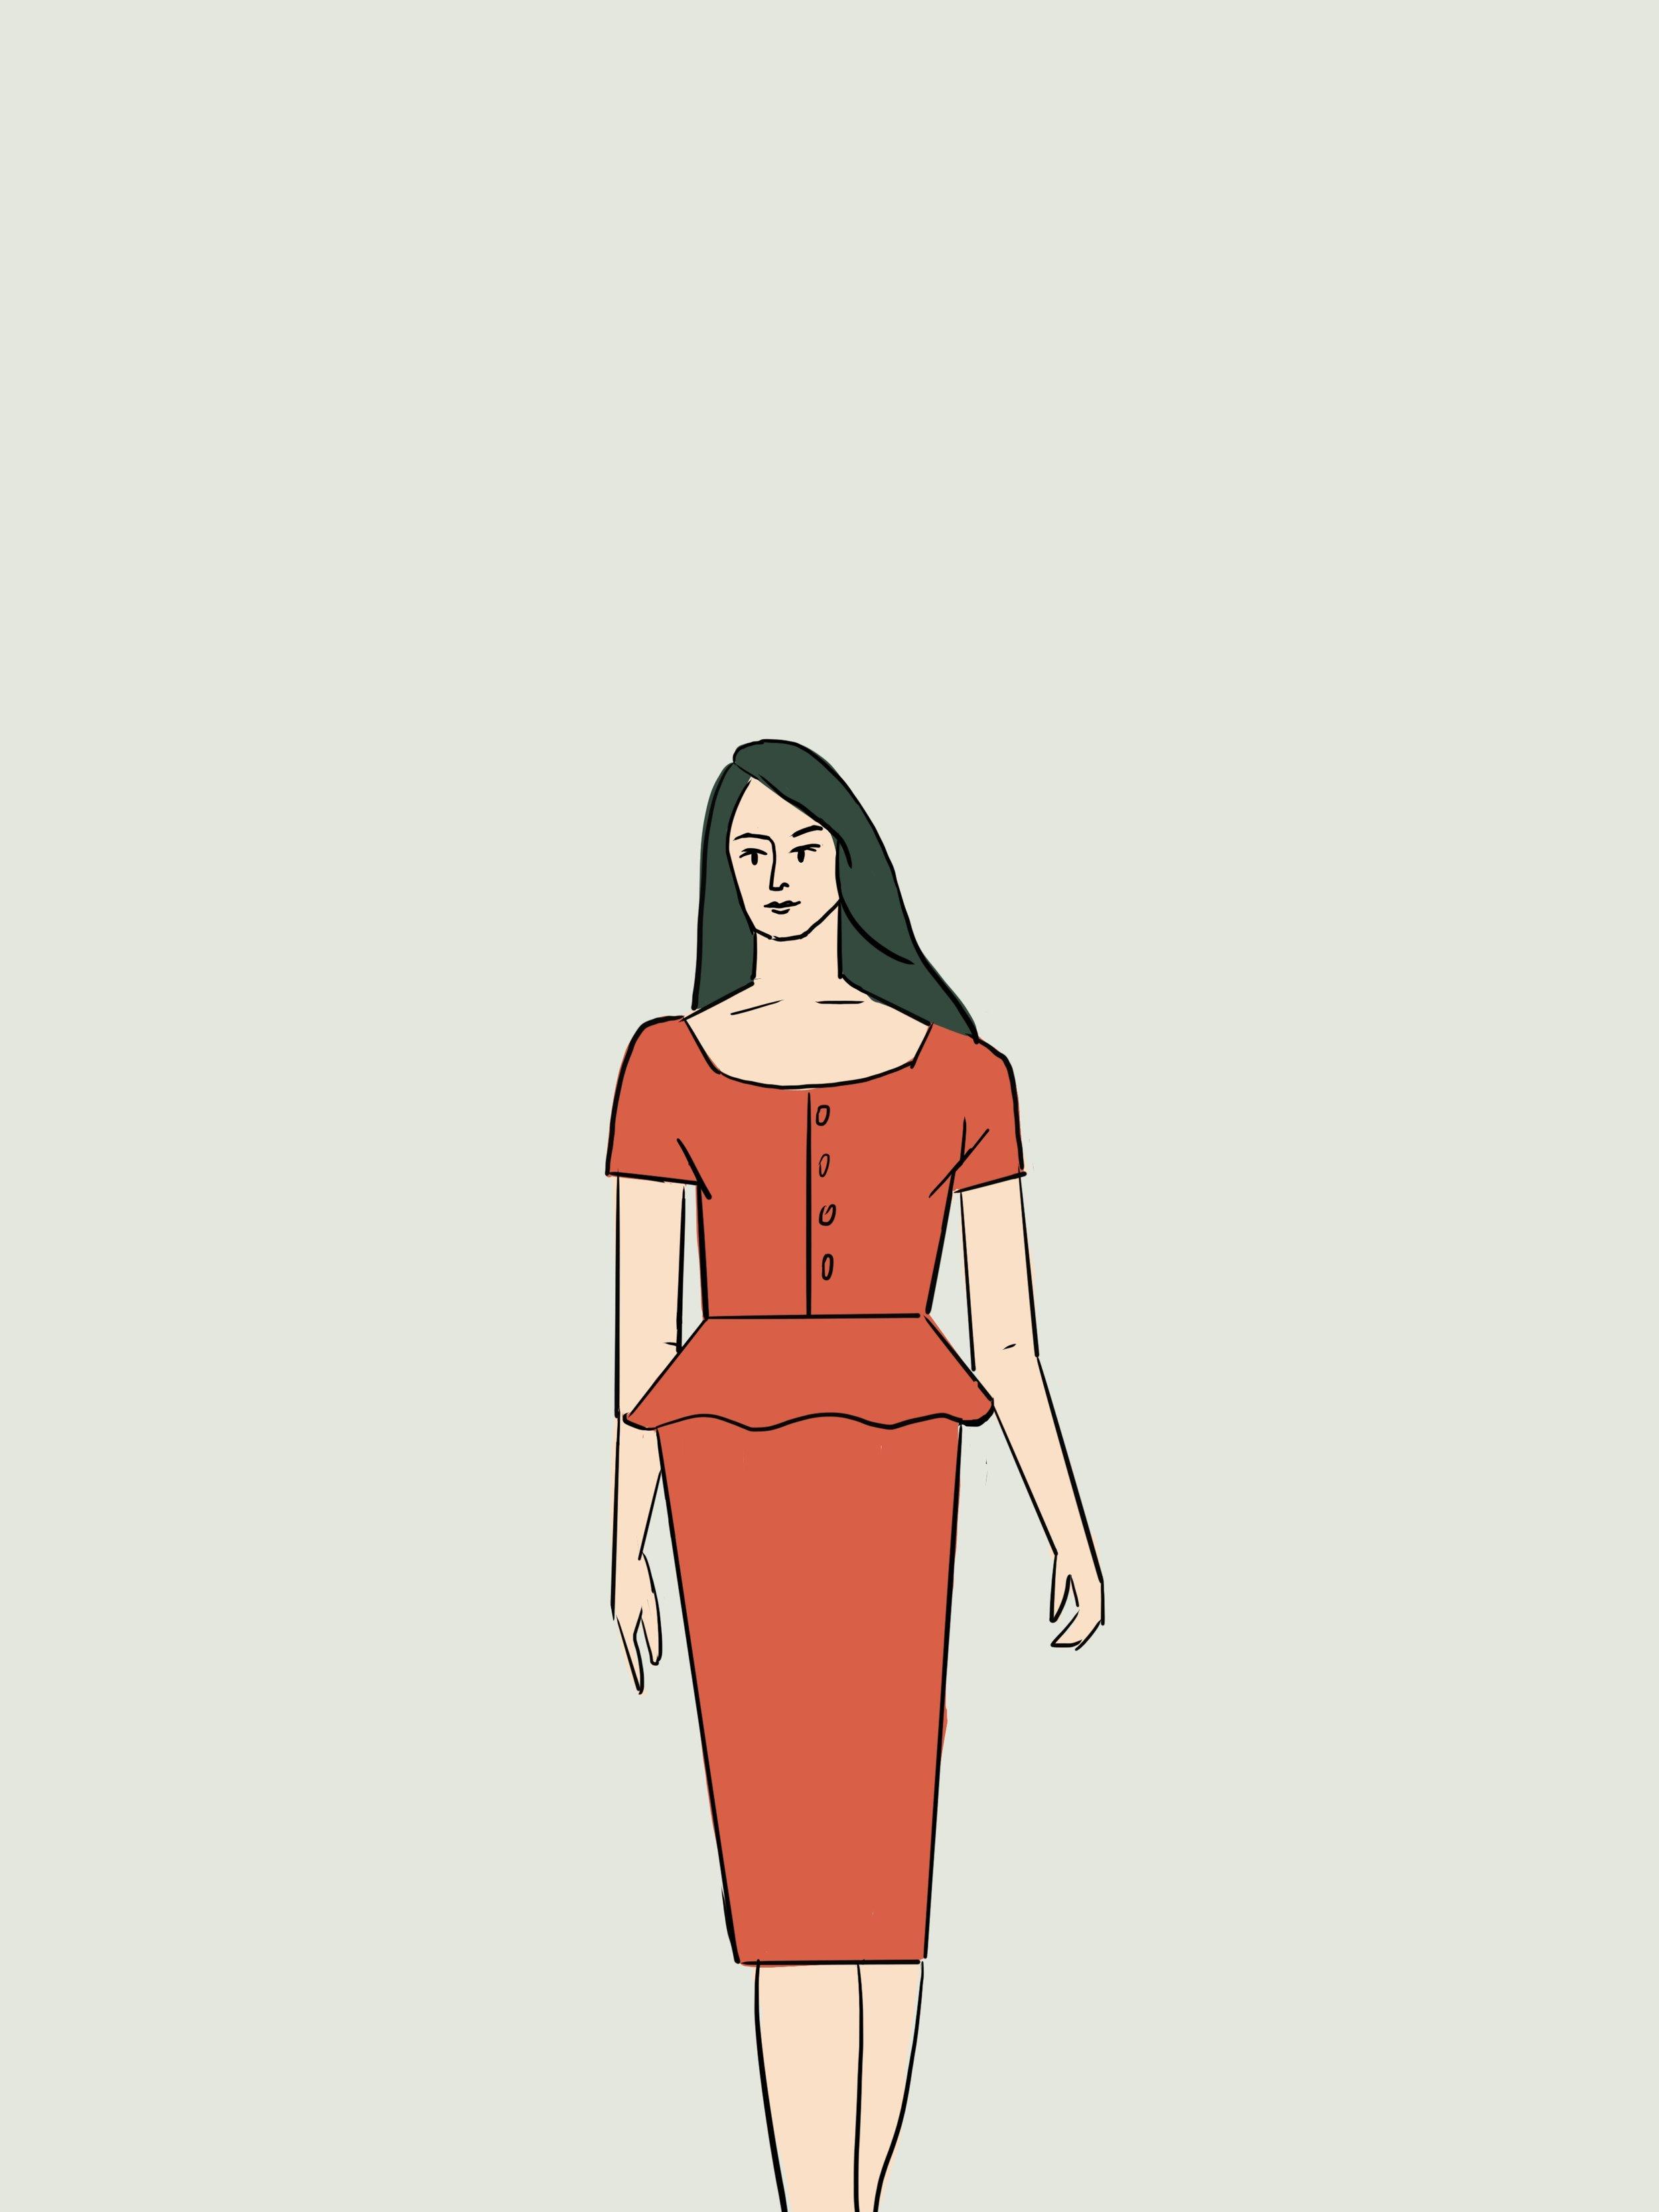 TallWoman.jpg